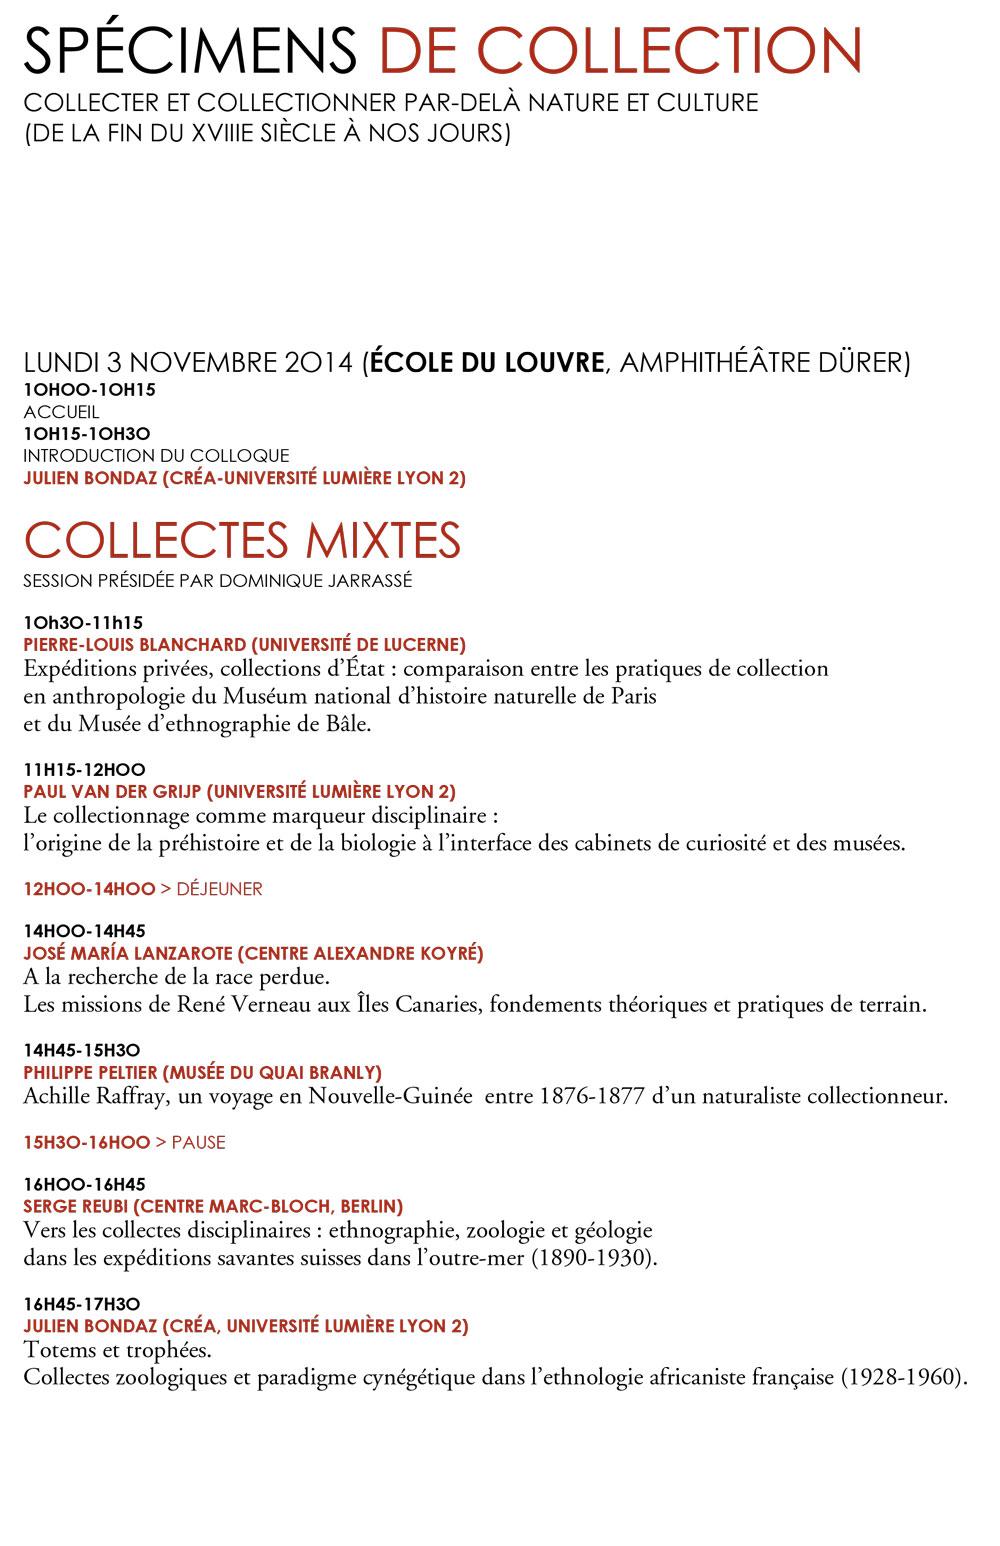 003.-programme-Spécimens-de-collection-3